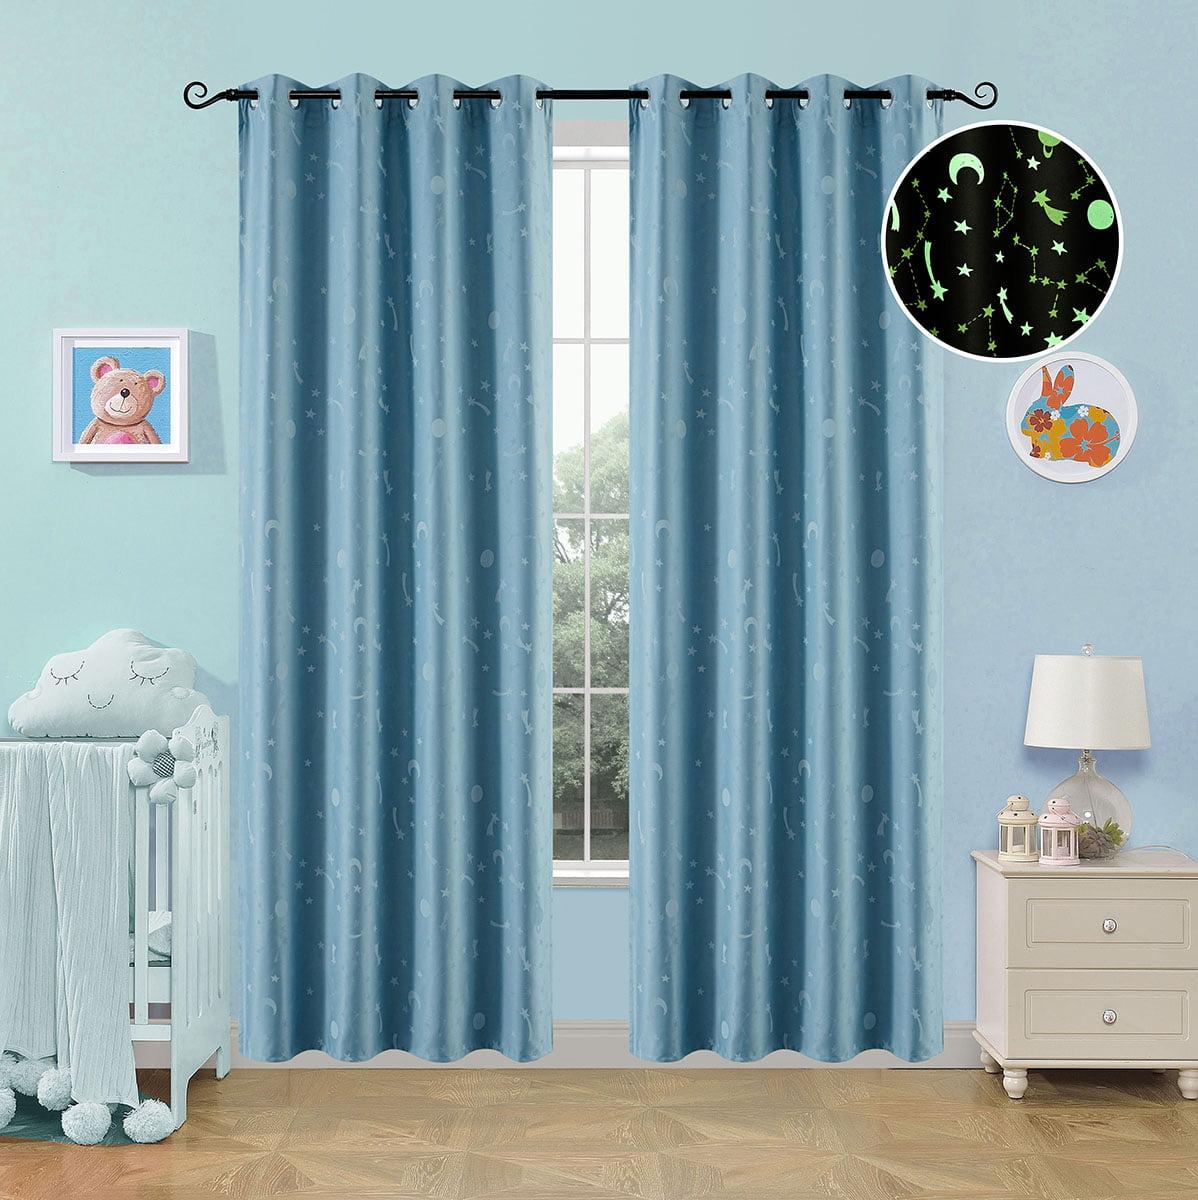 Κουρτίνα φωσφορίζουσα με 8 κρίκους Art 6140 σιέλ  140x260 Σιέλ Beauty Home